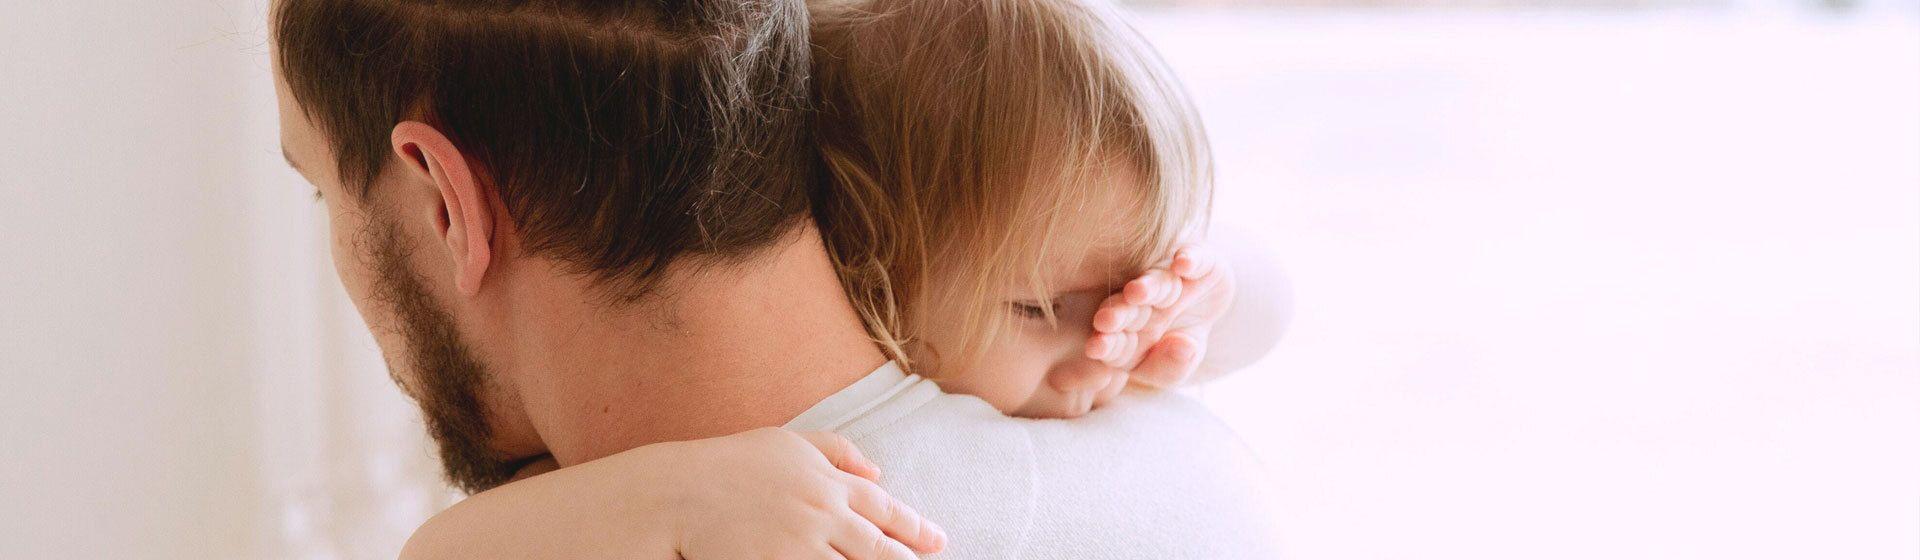 Private Samenspende Rechte der Väter